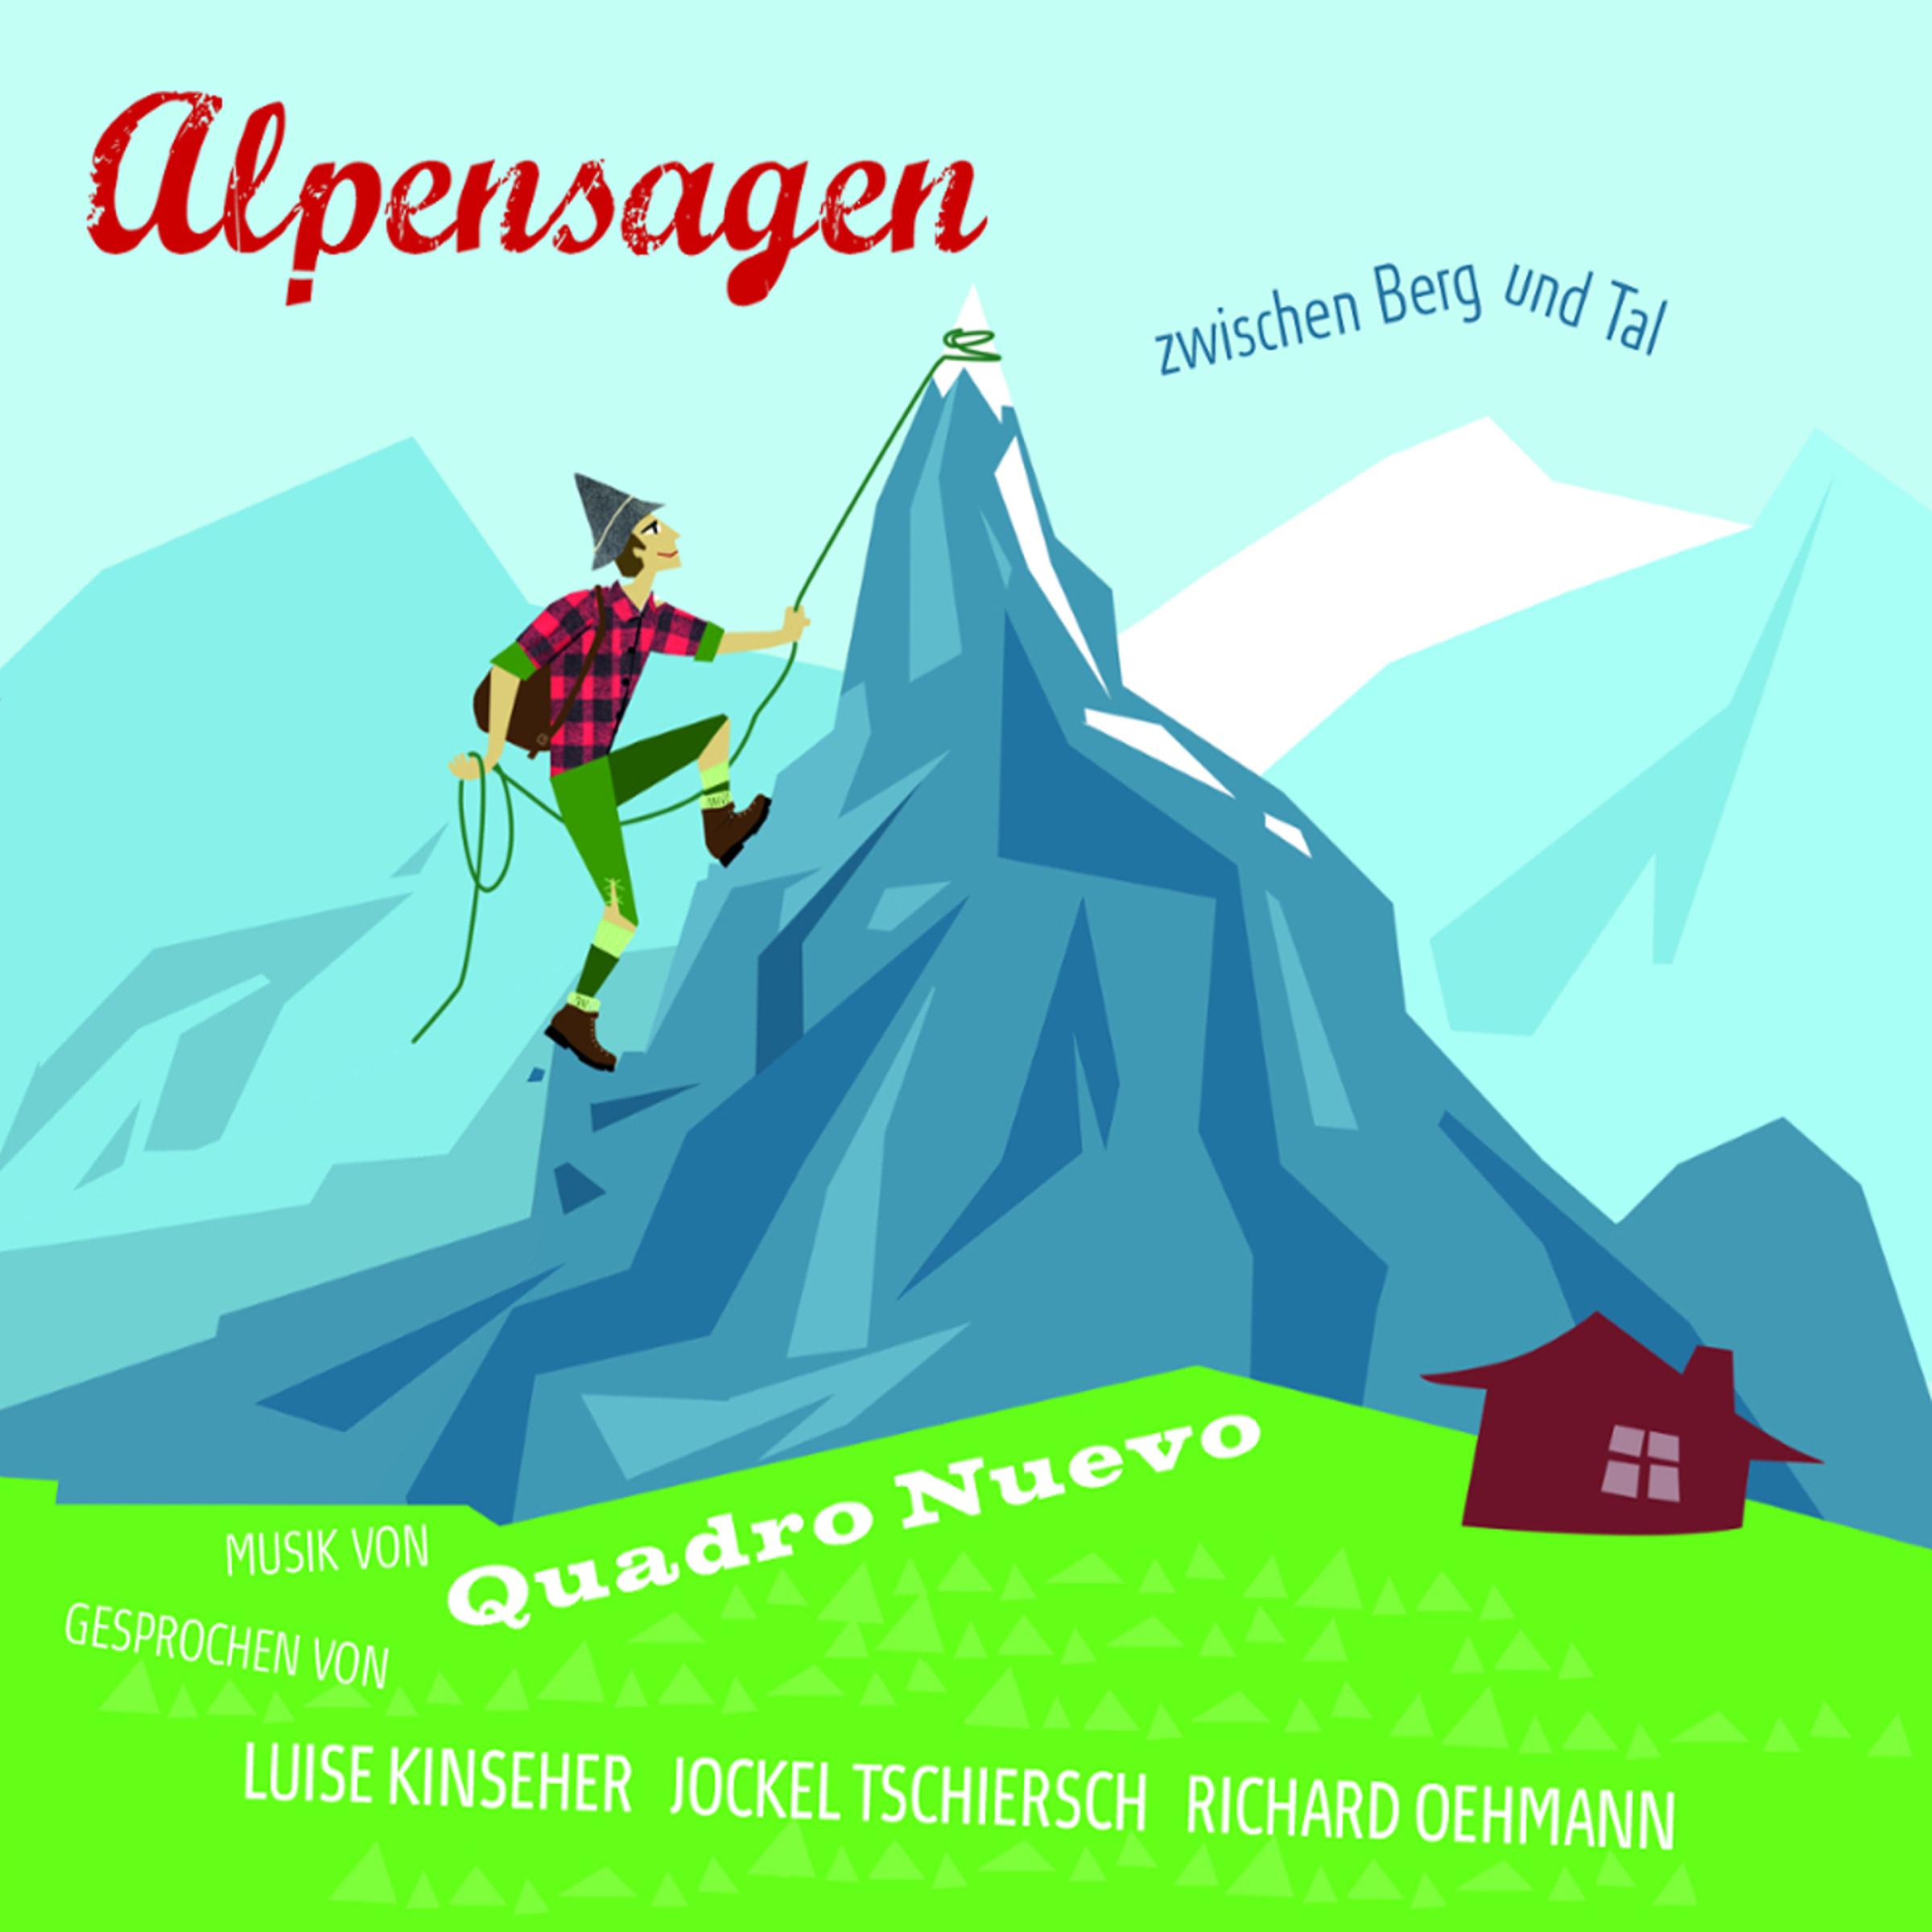 Cover_Alpensagen_2400x2400